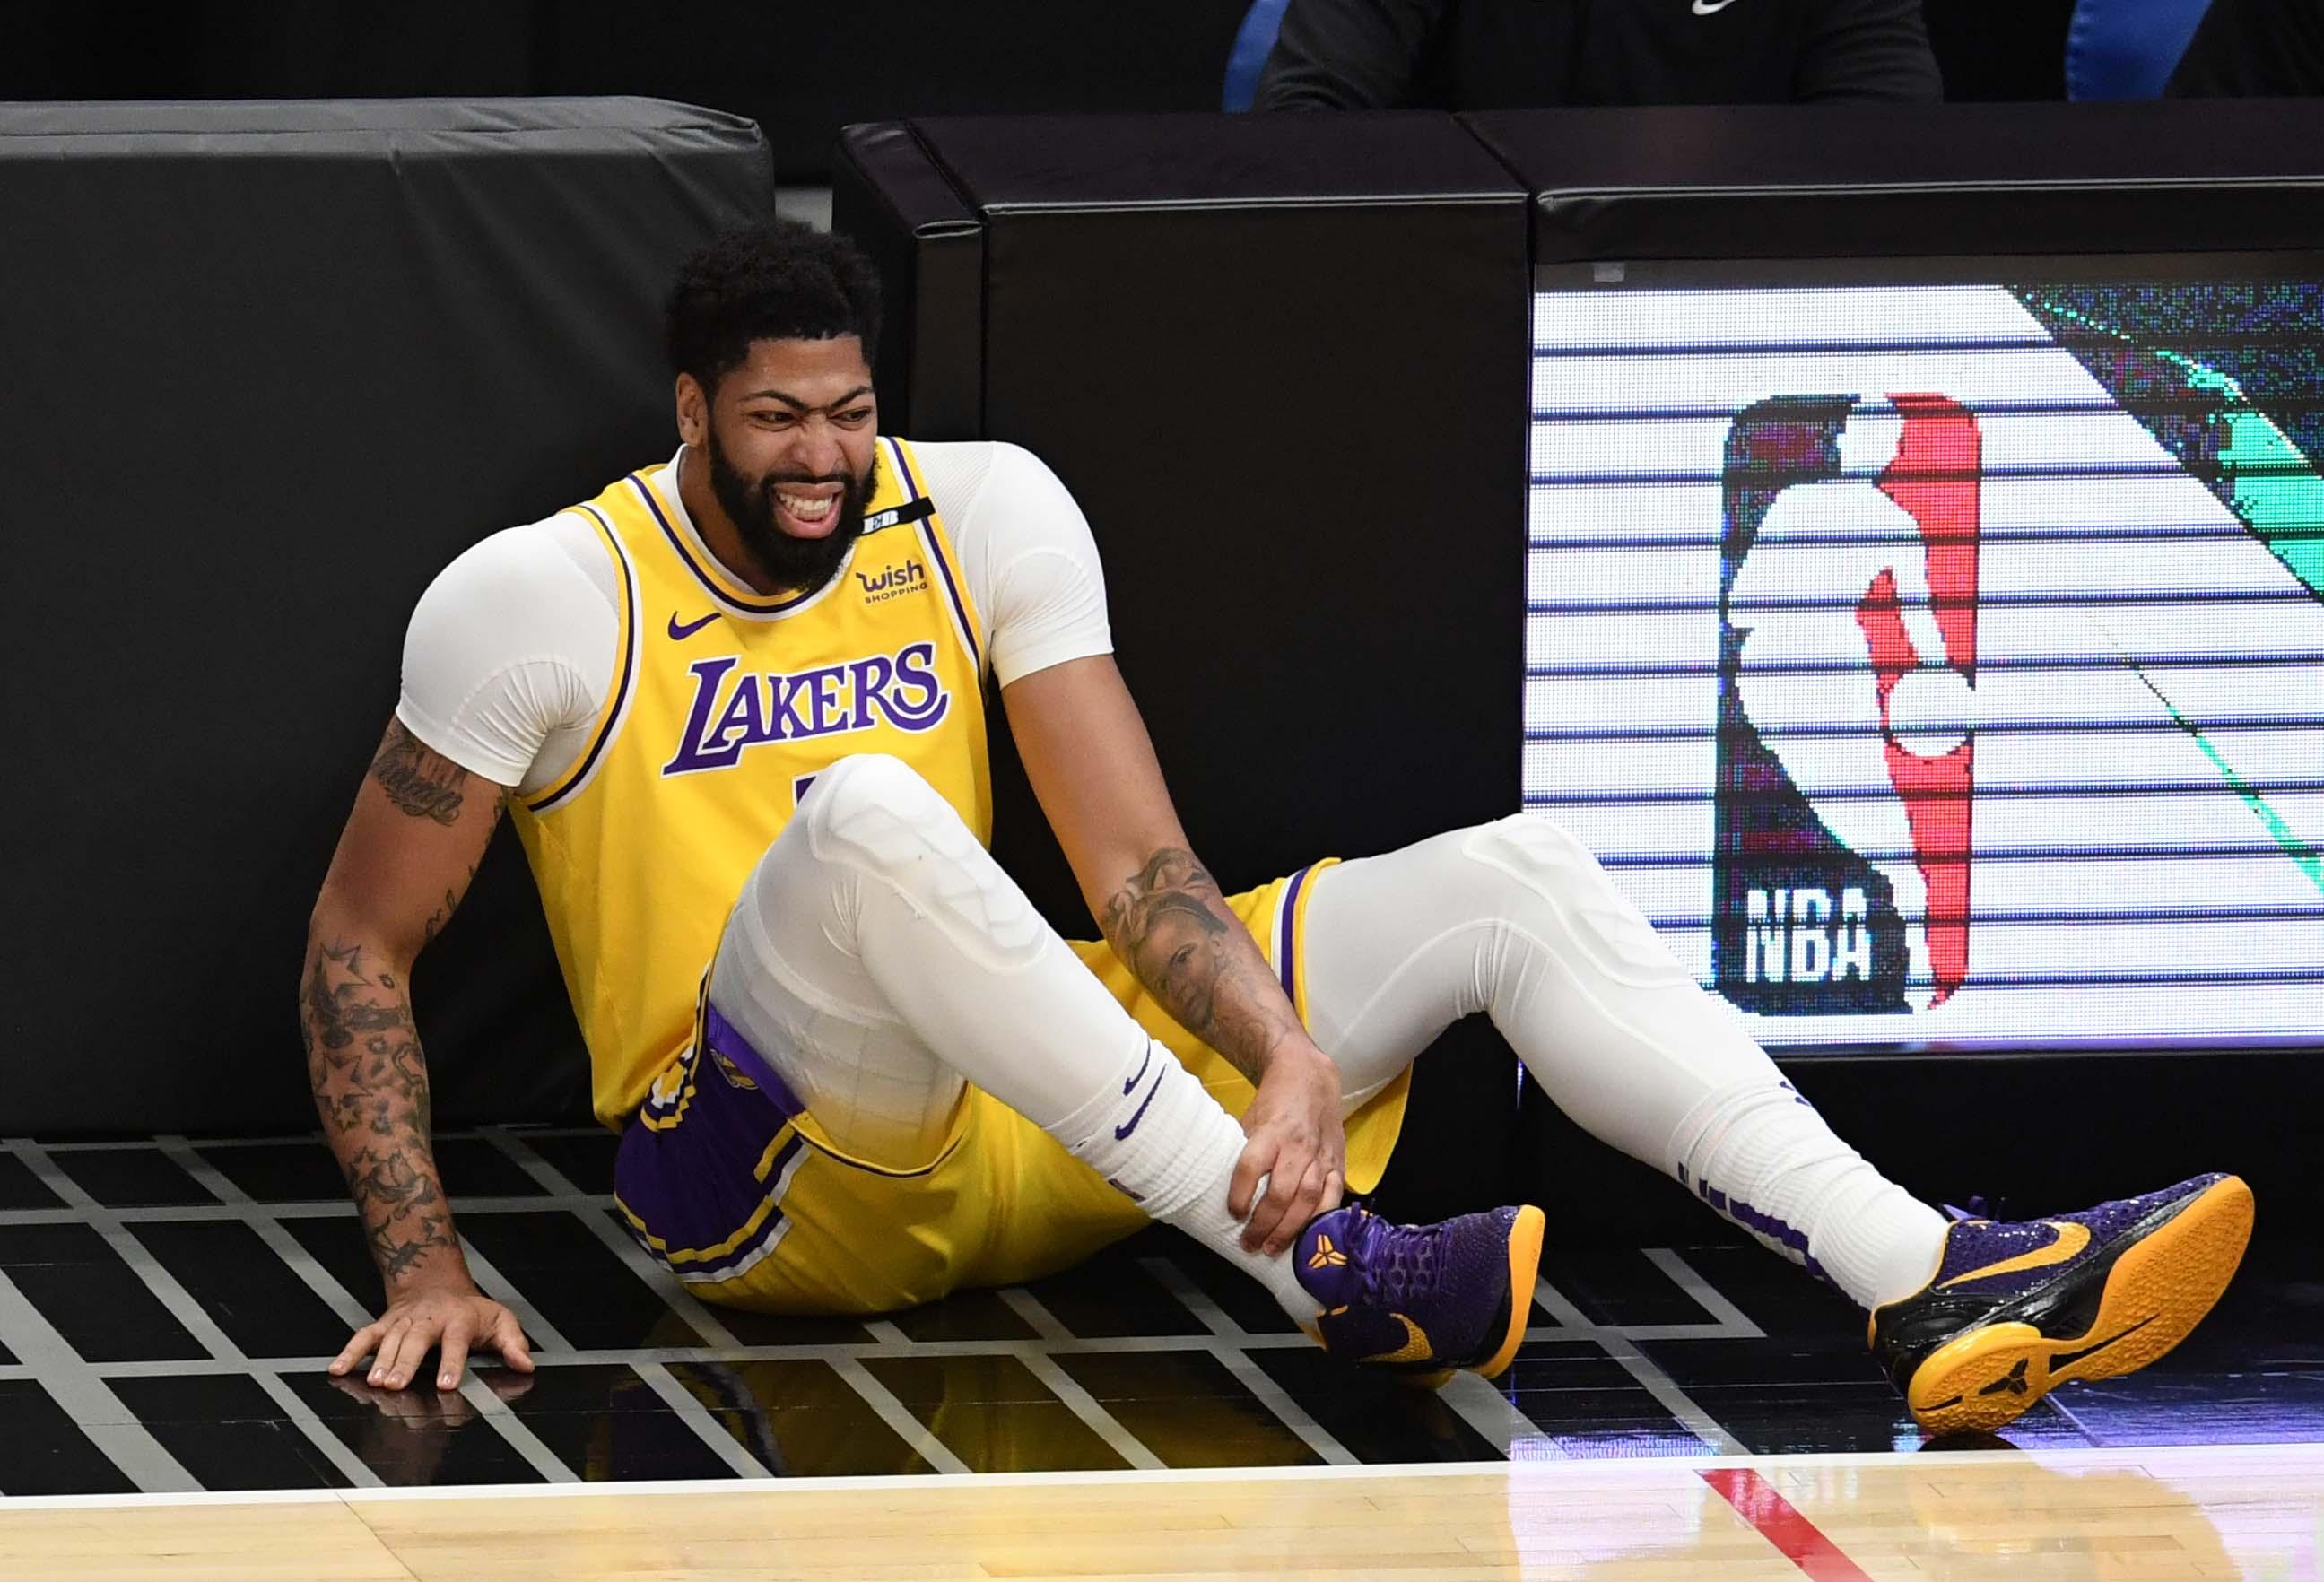 在一场NBA篮球赛中,洛杉矶快船队以118-94击败洛杉矶湖人队。